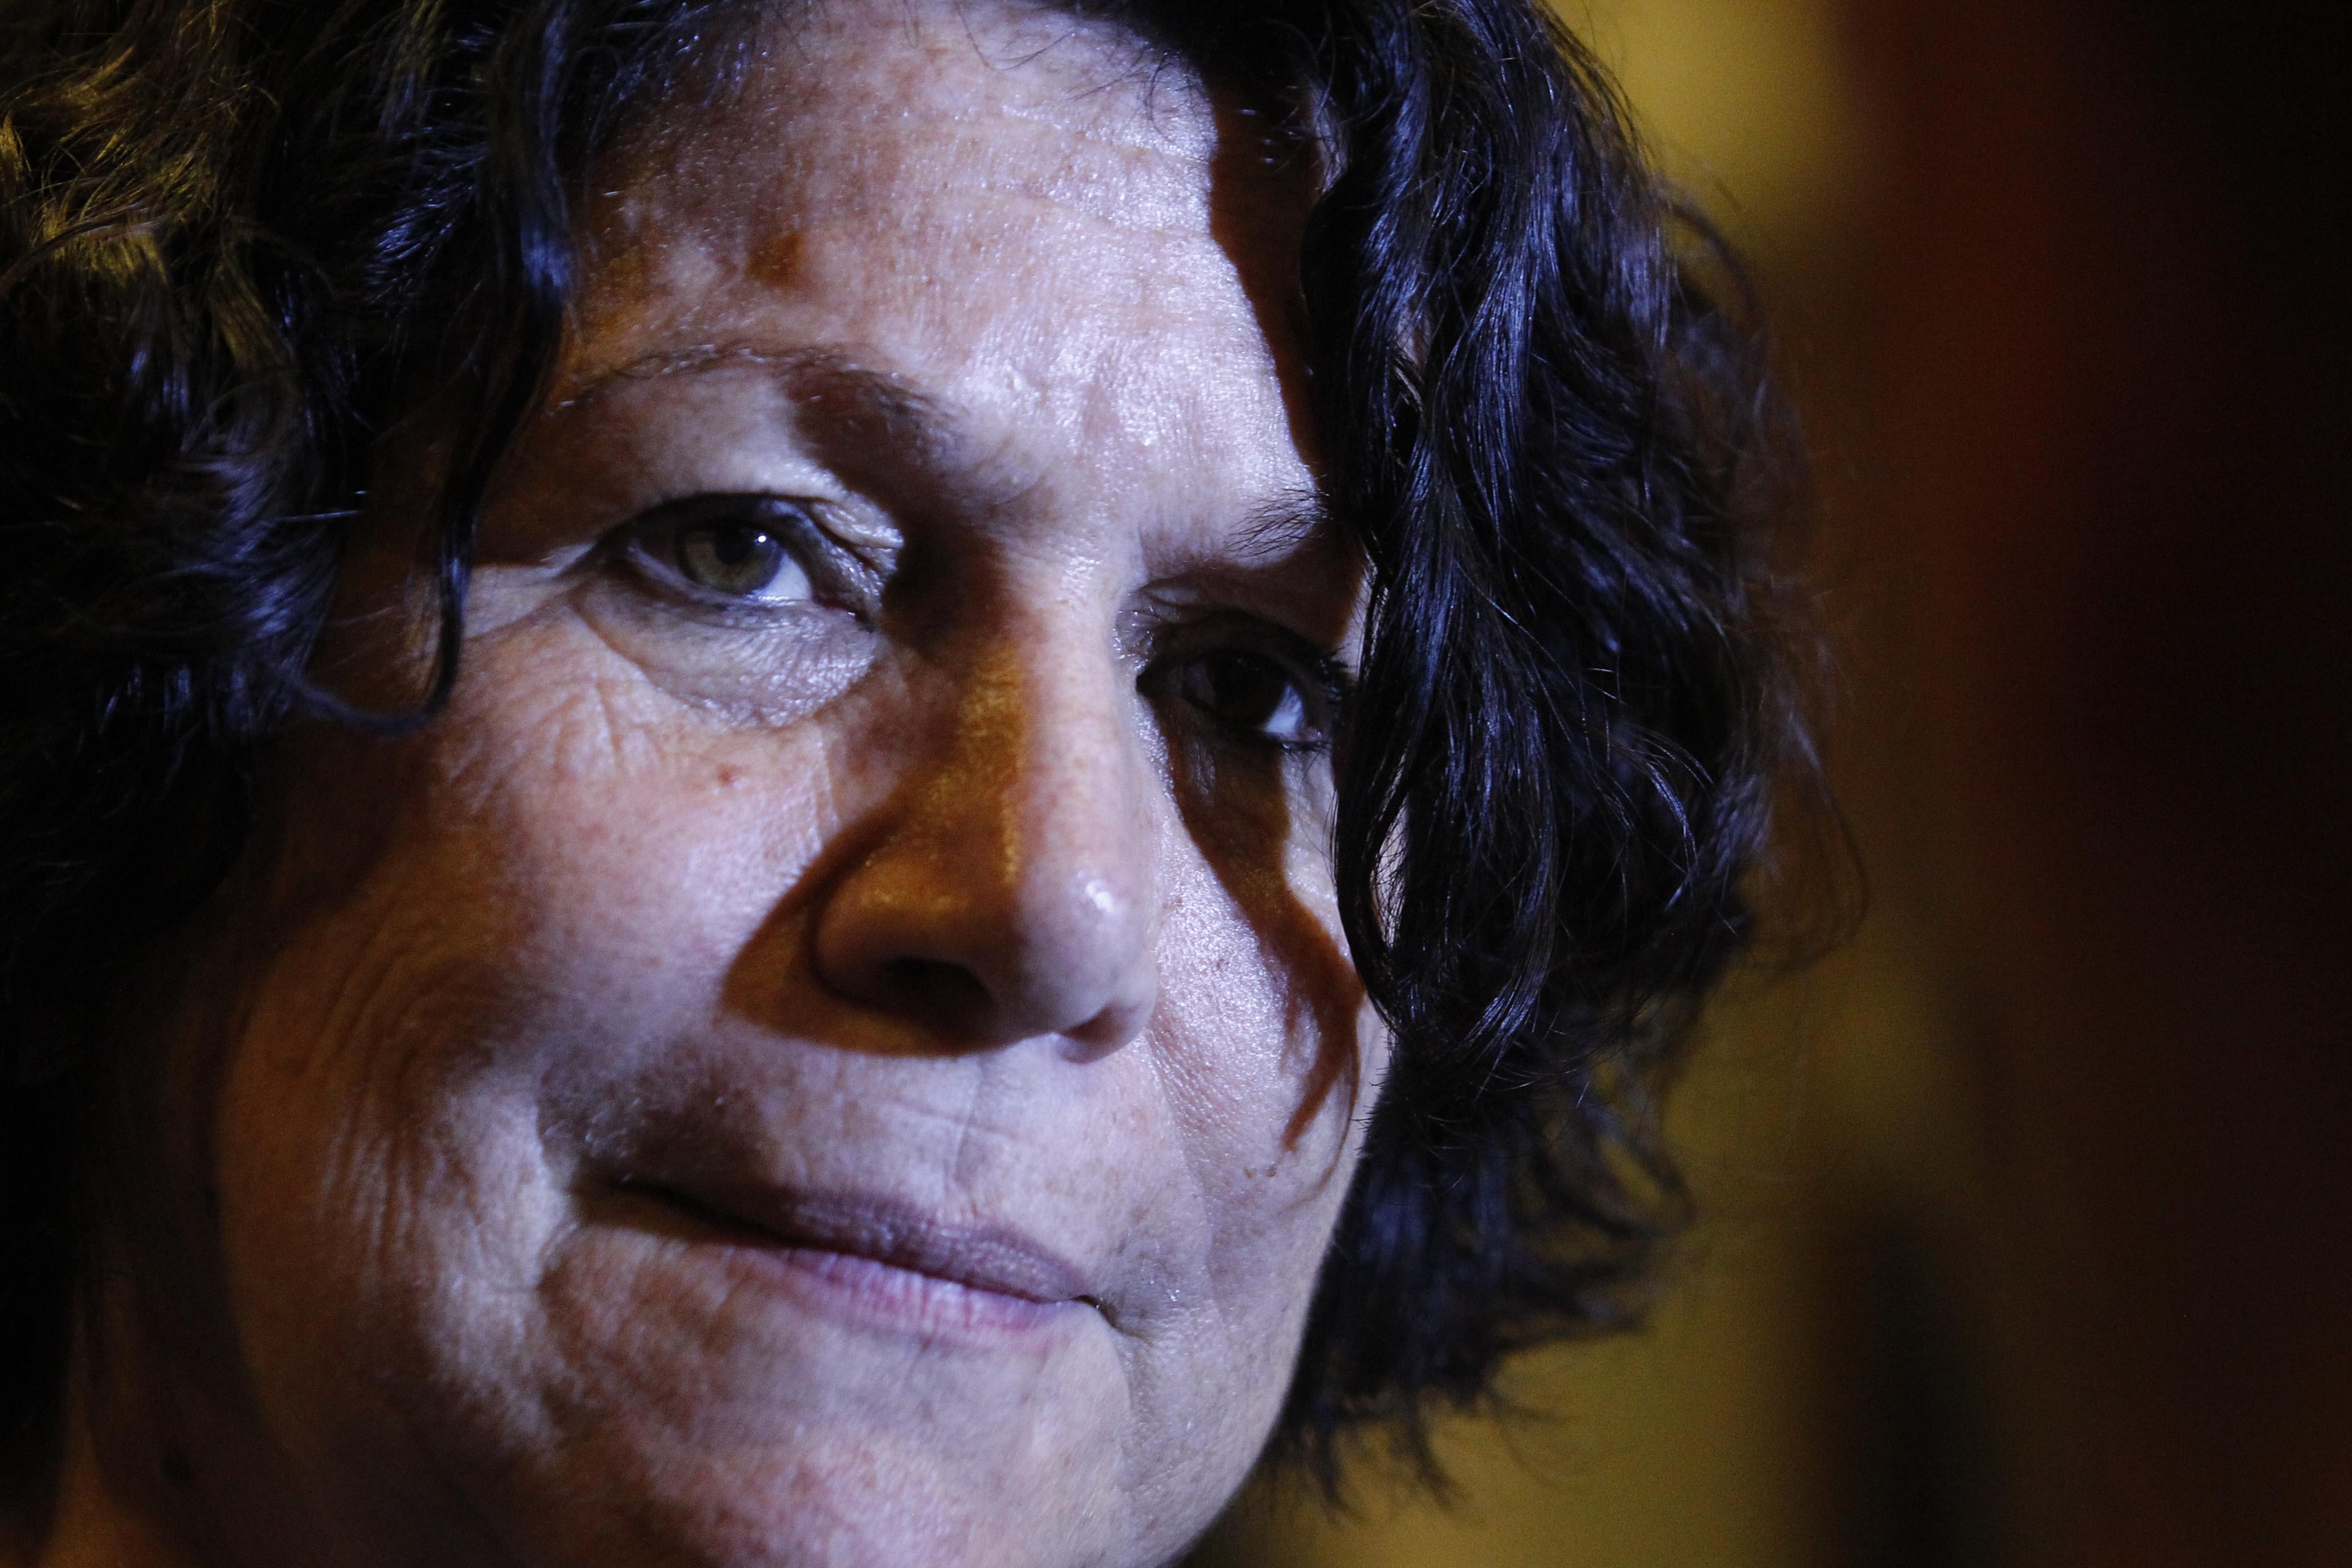 """Pamela Jiles sin filtro por millonario sueldo de Estela Ortiz en Conain: """"Los actos inmorales de los nuestros son más graves"""""""